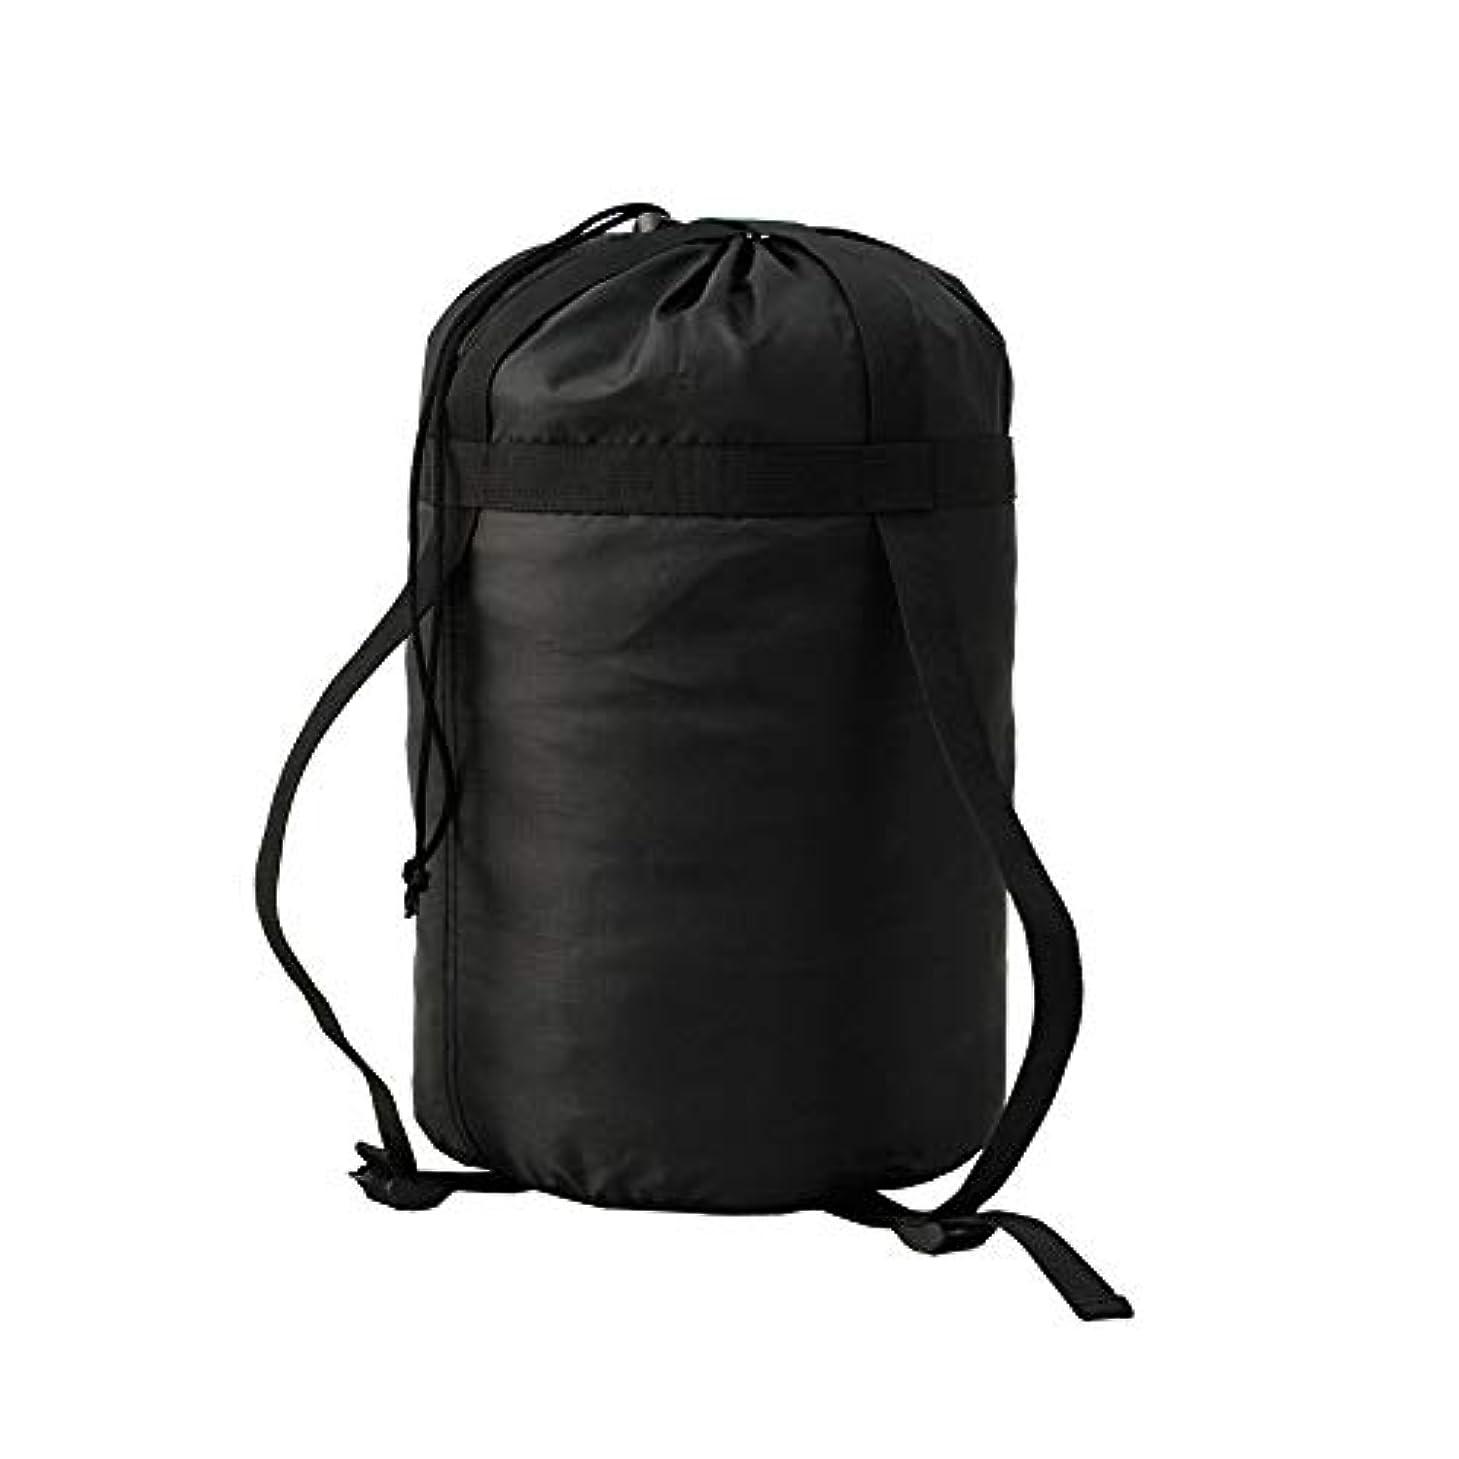 弱めるしっとりたぶん1コンプレッションバッグ 寝袋用 圧縮袋 ナイロン製 軽量 圧縮バッグ 耐摩耗 シュラフ防水 キャンプ アウトドア 衣類が収納可能 ブラック